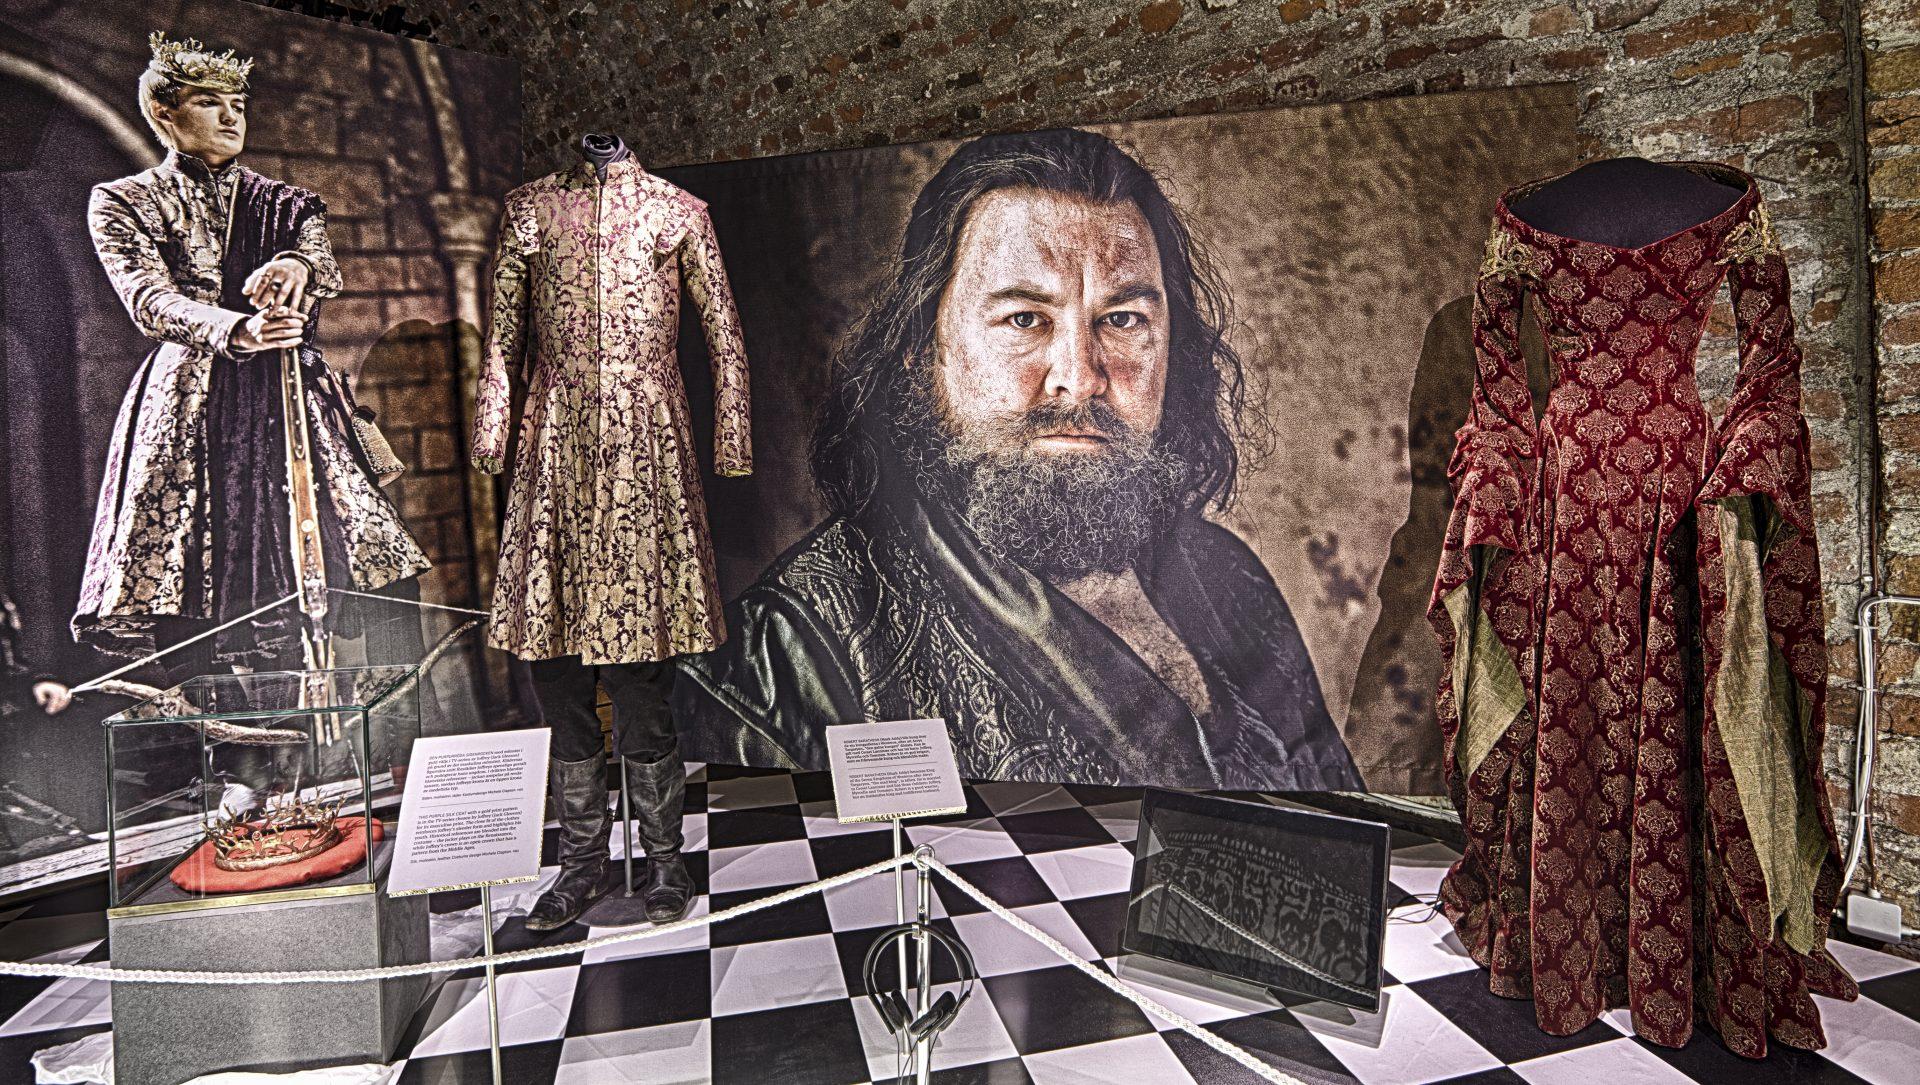 Dräkter från tv-serien Game of Thrones som visades i utställningen Maktspel